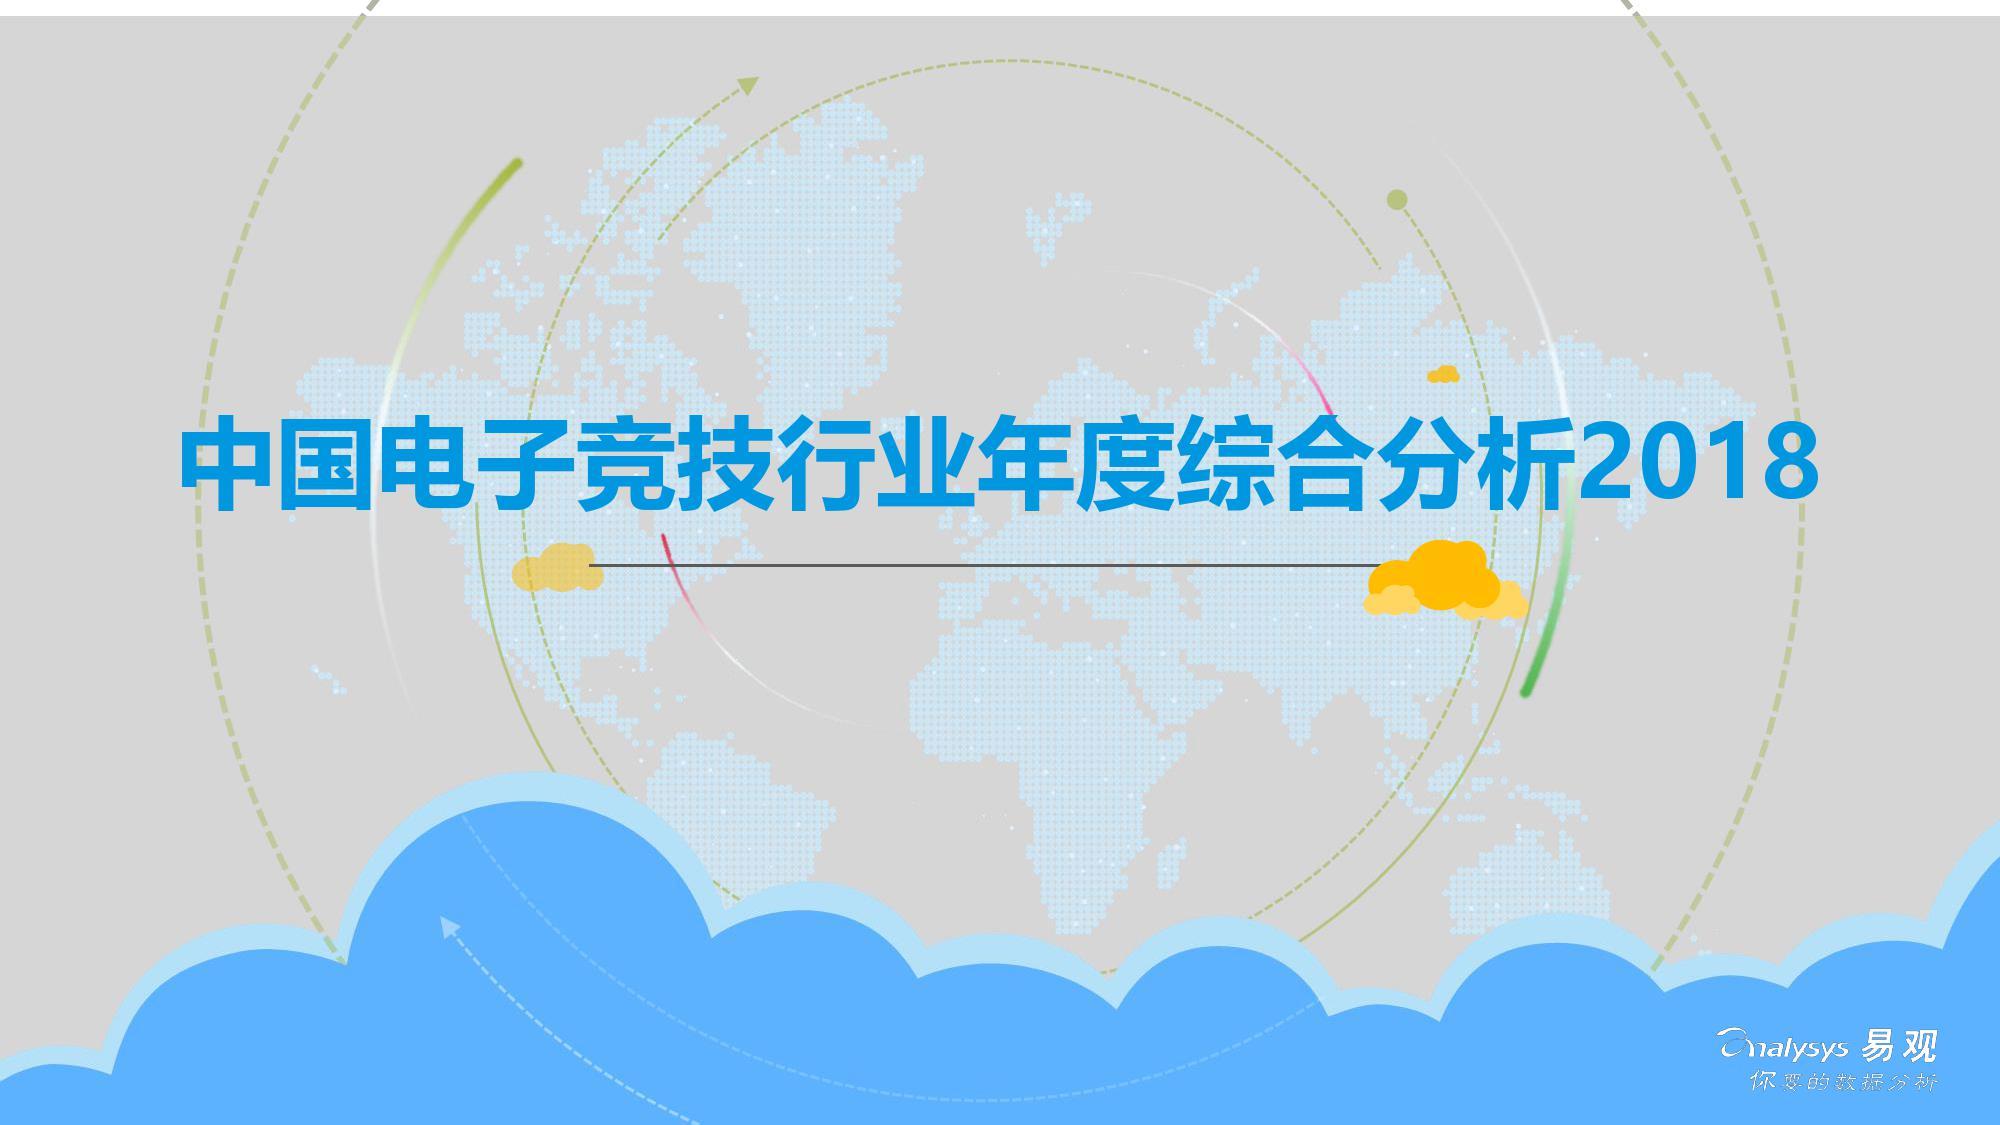 易观:2018中国电子竞技行业年度综合分析(附下载)